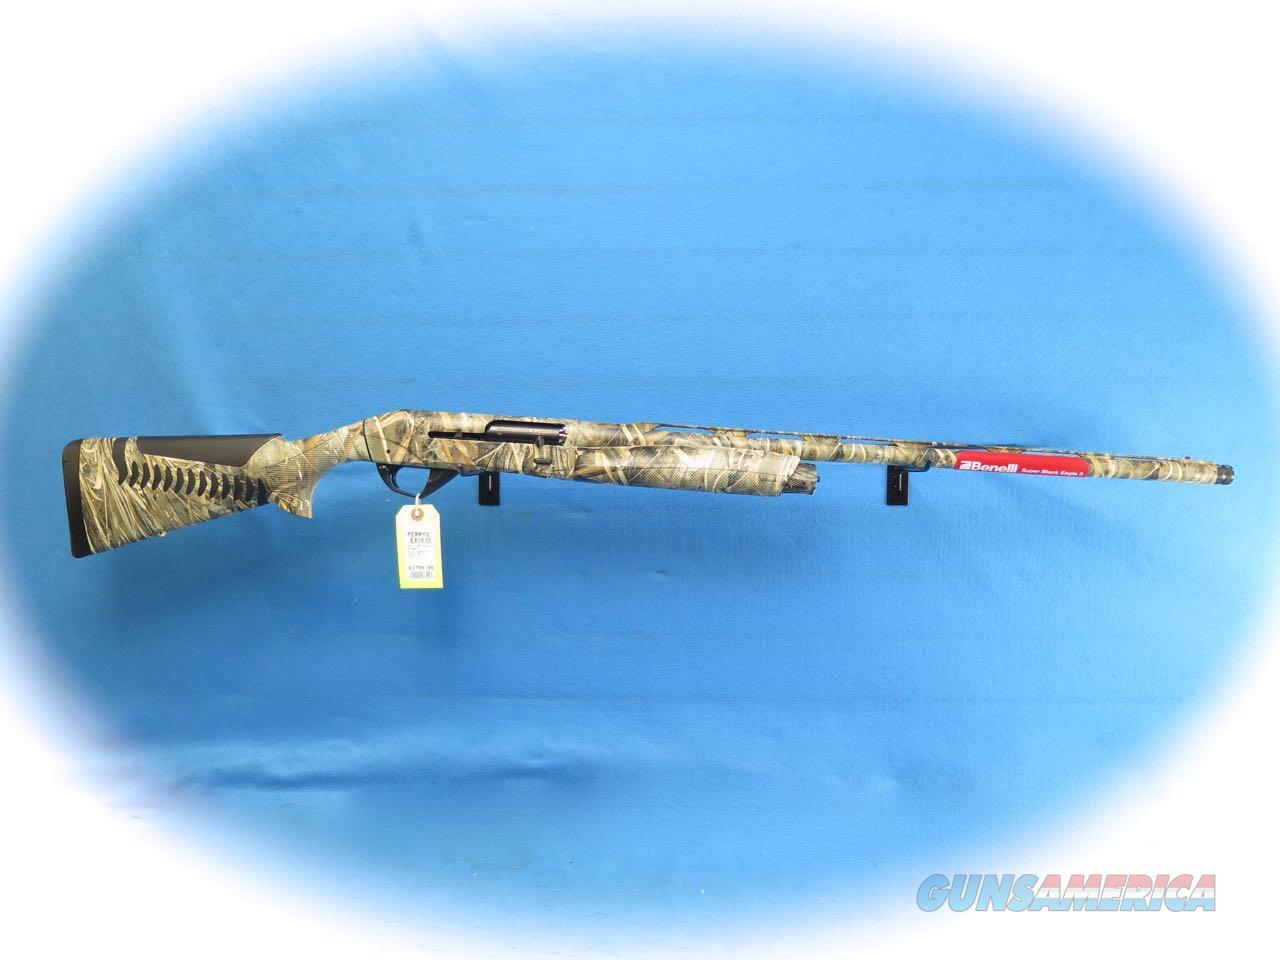 Benelli Super Black Eagle 3 Semi Auto 12 Ga. Shotgun Max-5 Camo Model 10301 **New**  Guns > Shotguns > Benelli Shotguns > Sporting